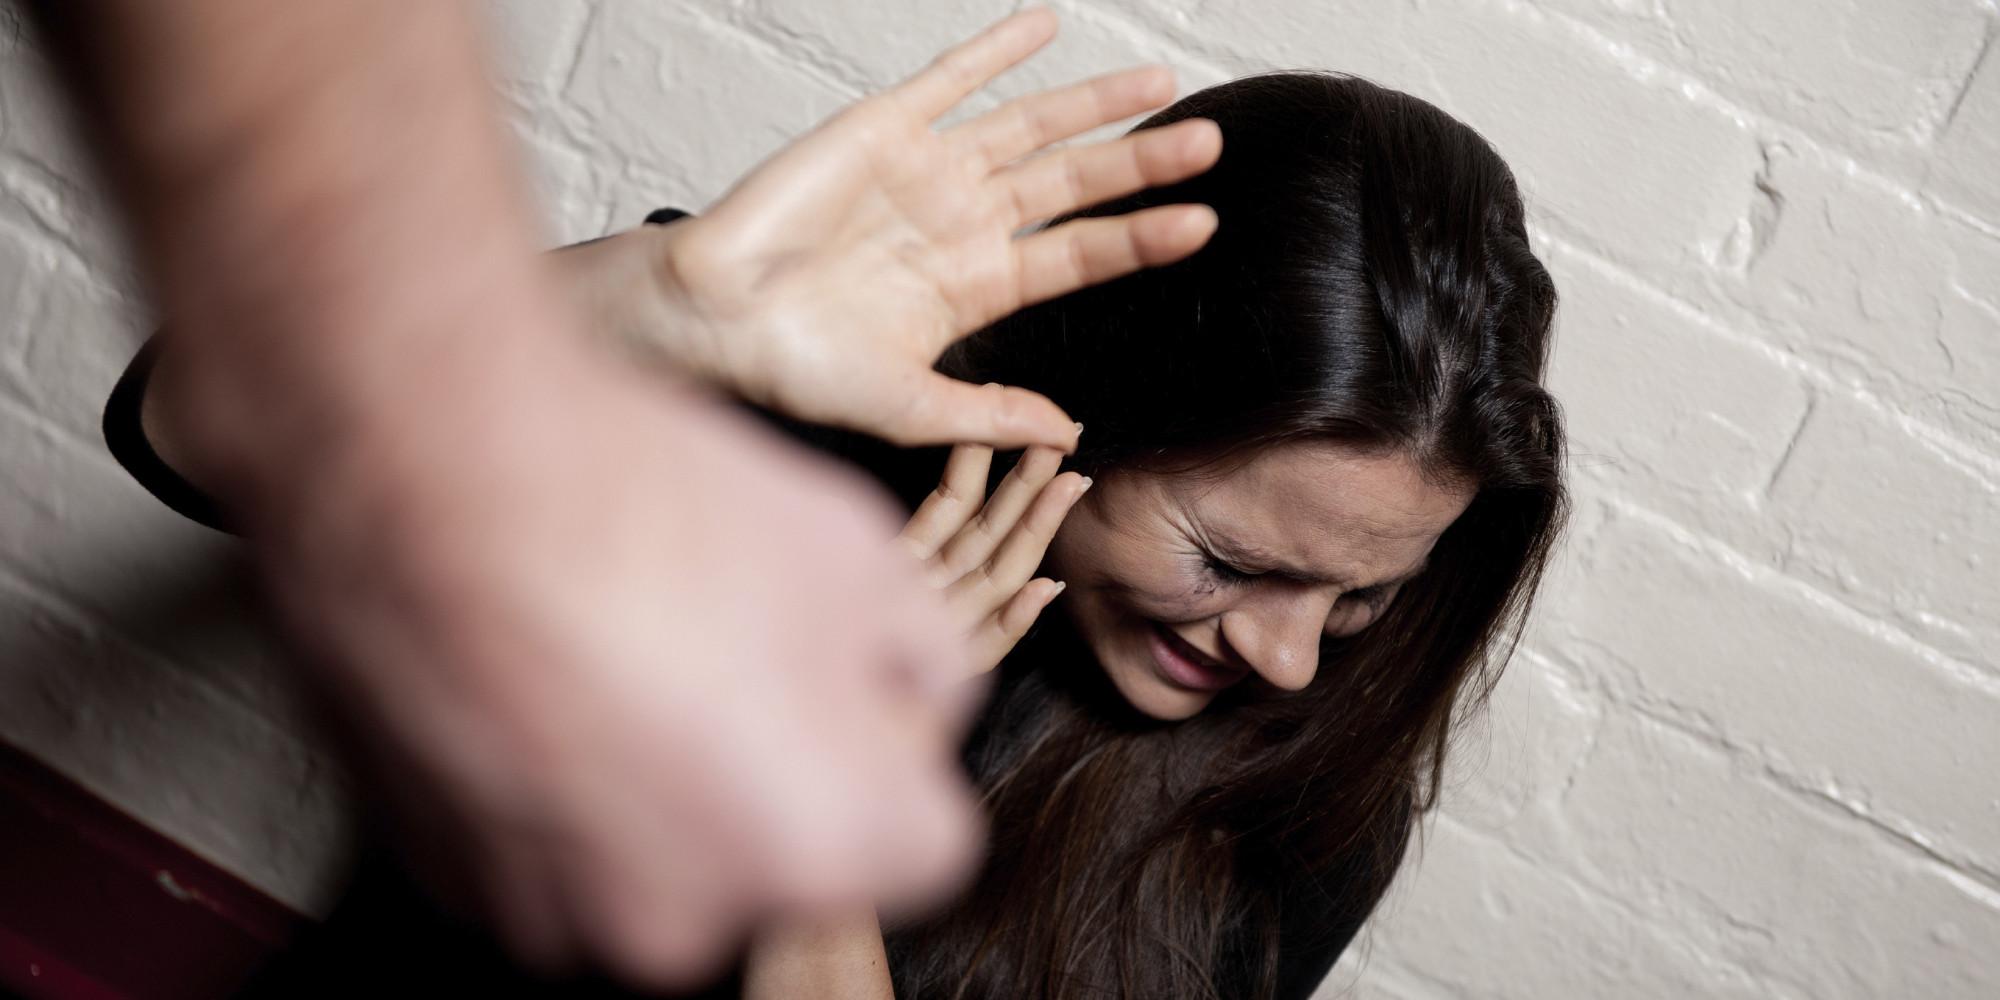 527 mil estupros ocorrem no país e apenas 10% destes casos são registrados junto à Polícia Judiciária.